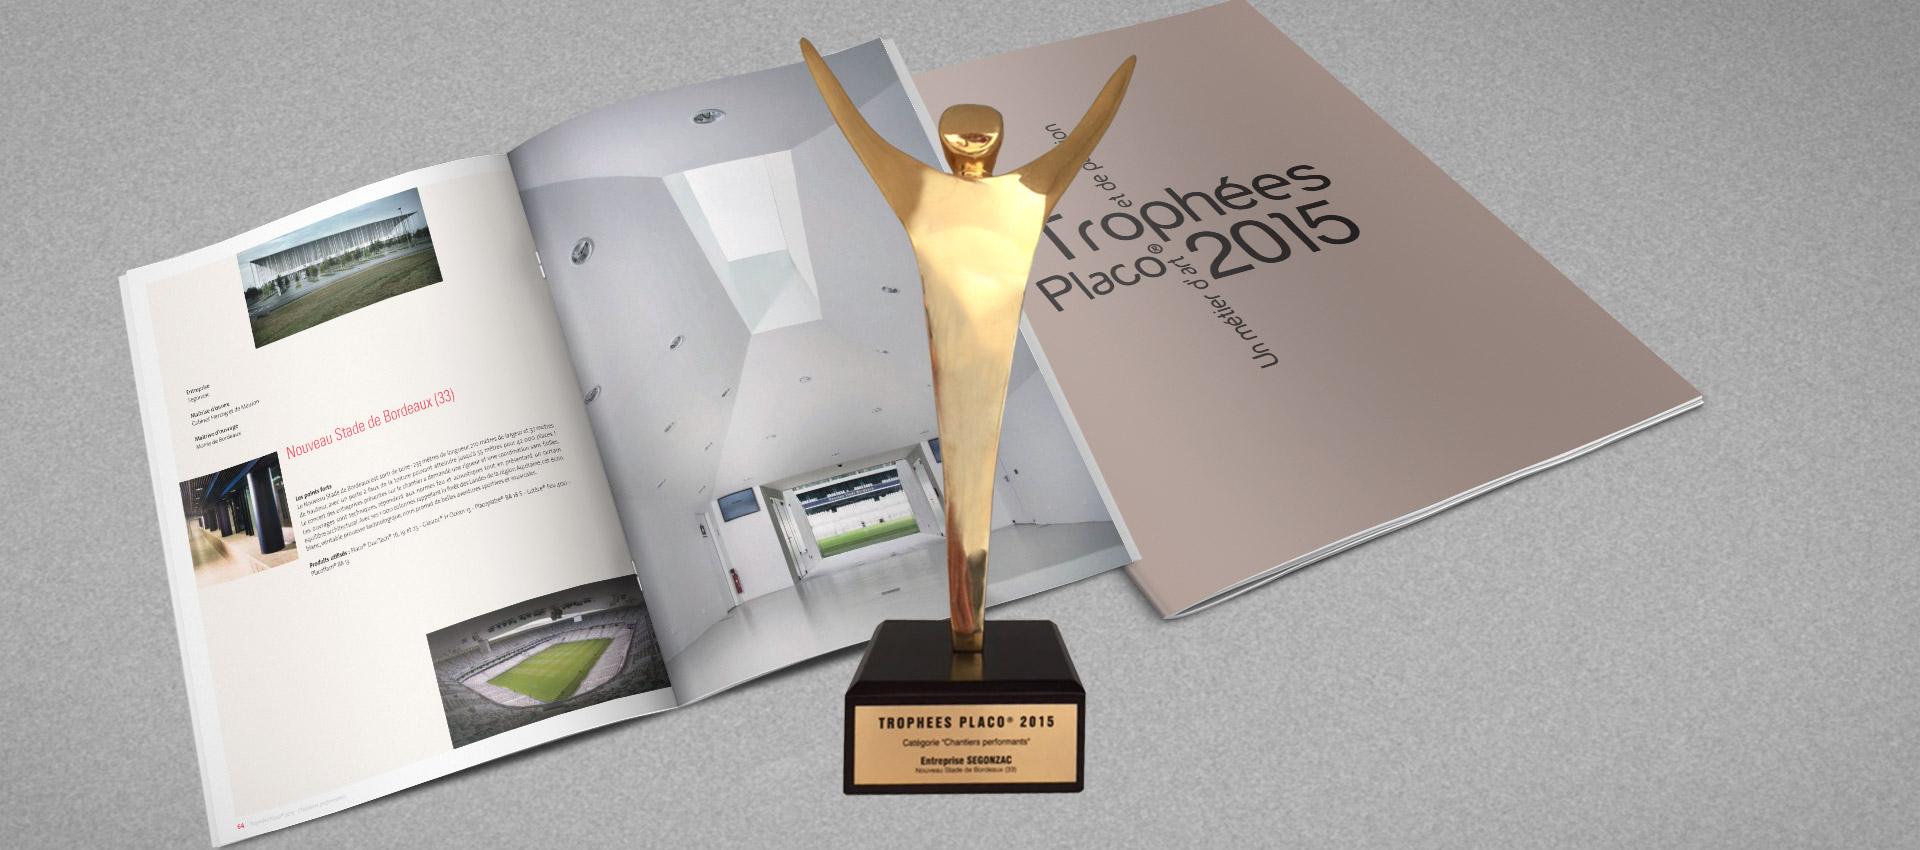 Trophée Placo 2015